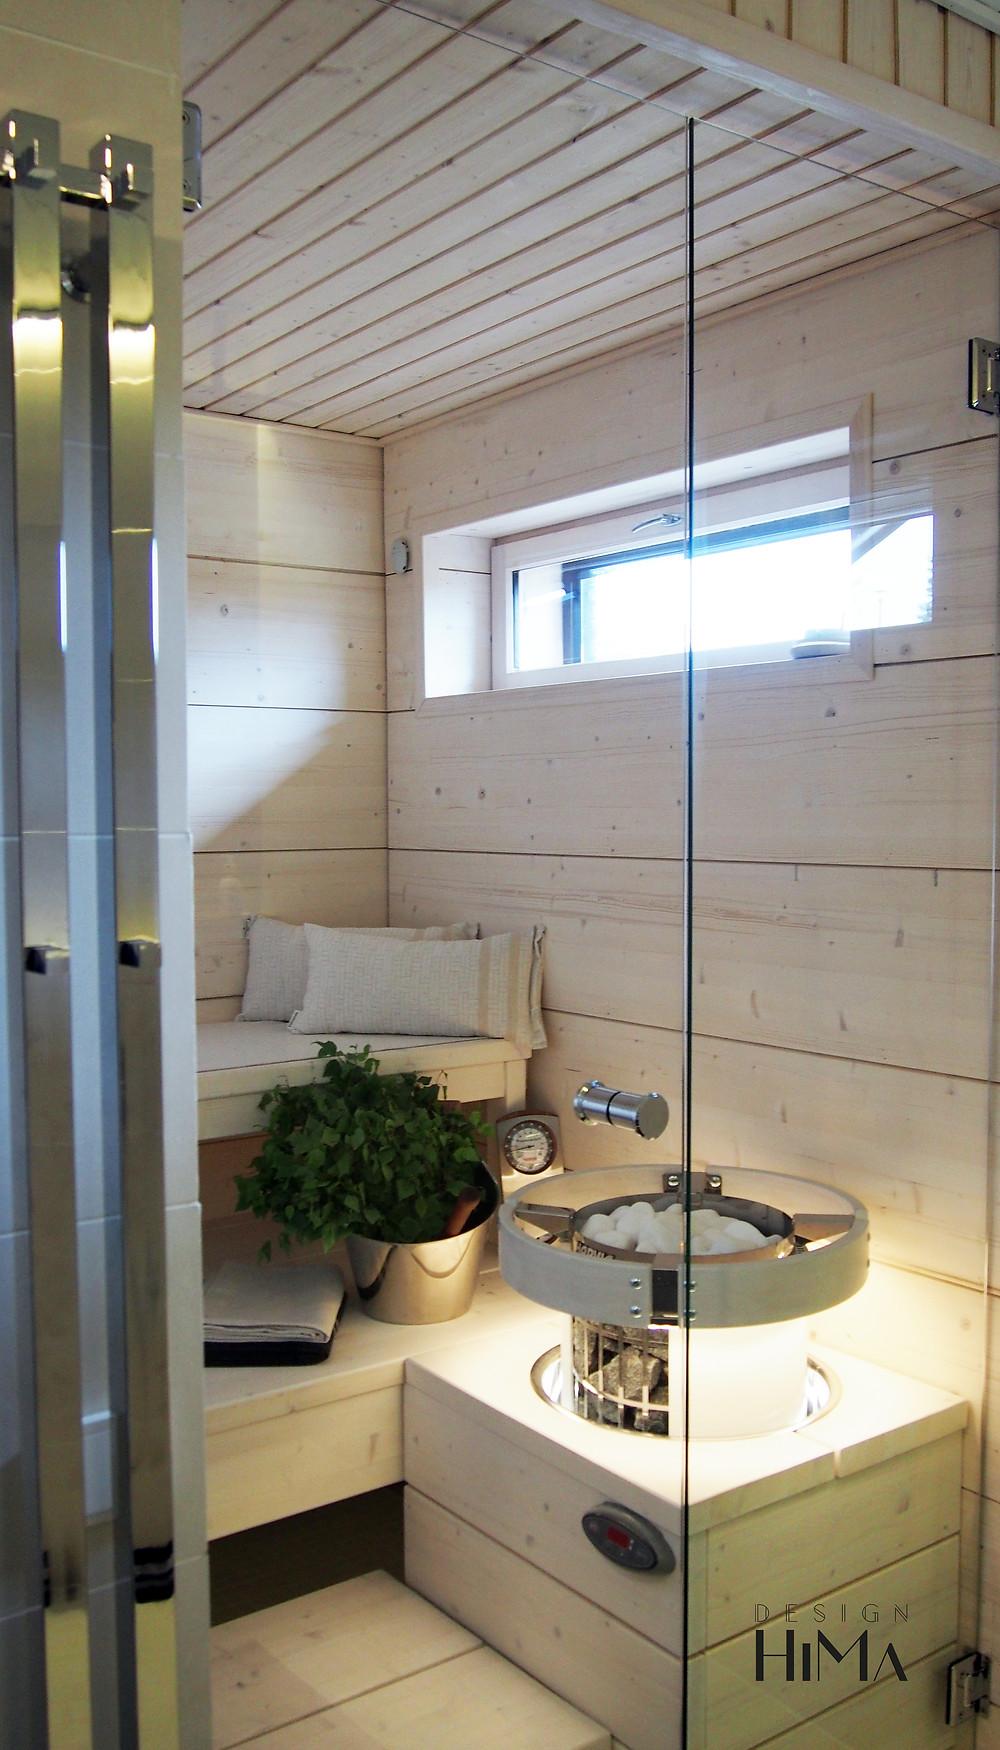 Asuntomessut Mikkeli vaalea sauna